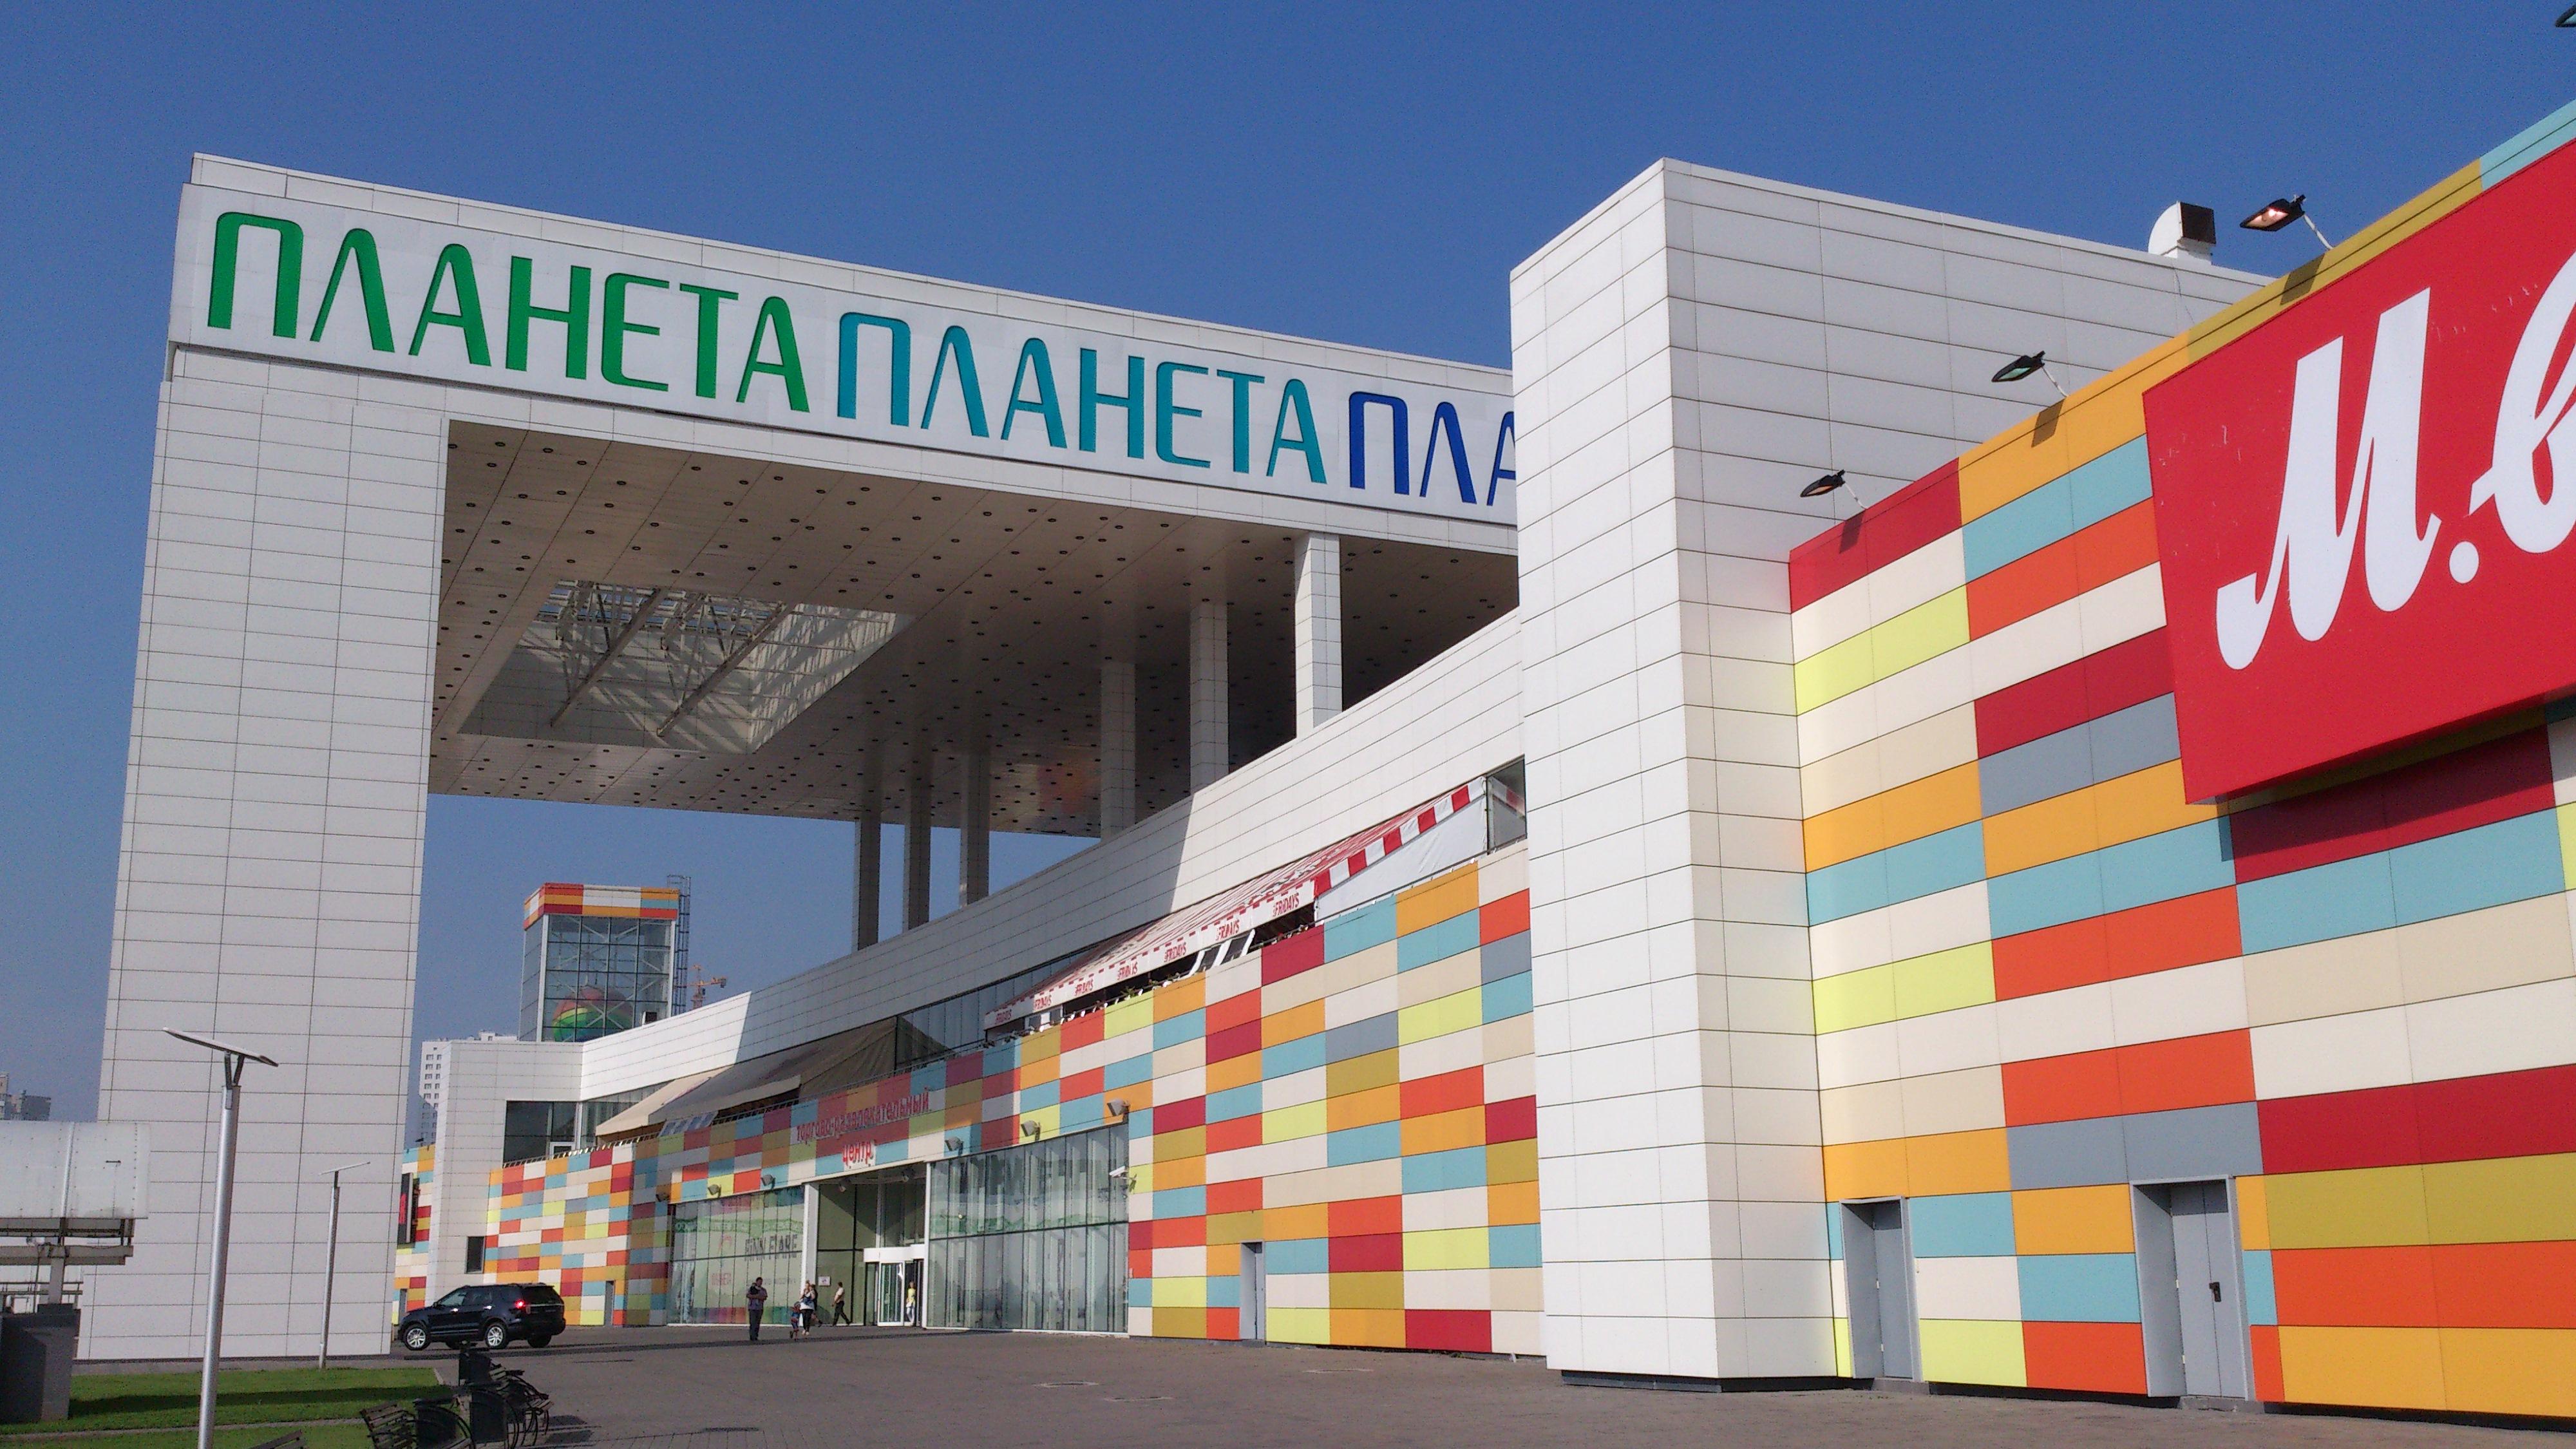 Красноярск ТРЦ Планета. 14.08.2013 года